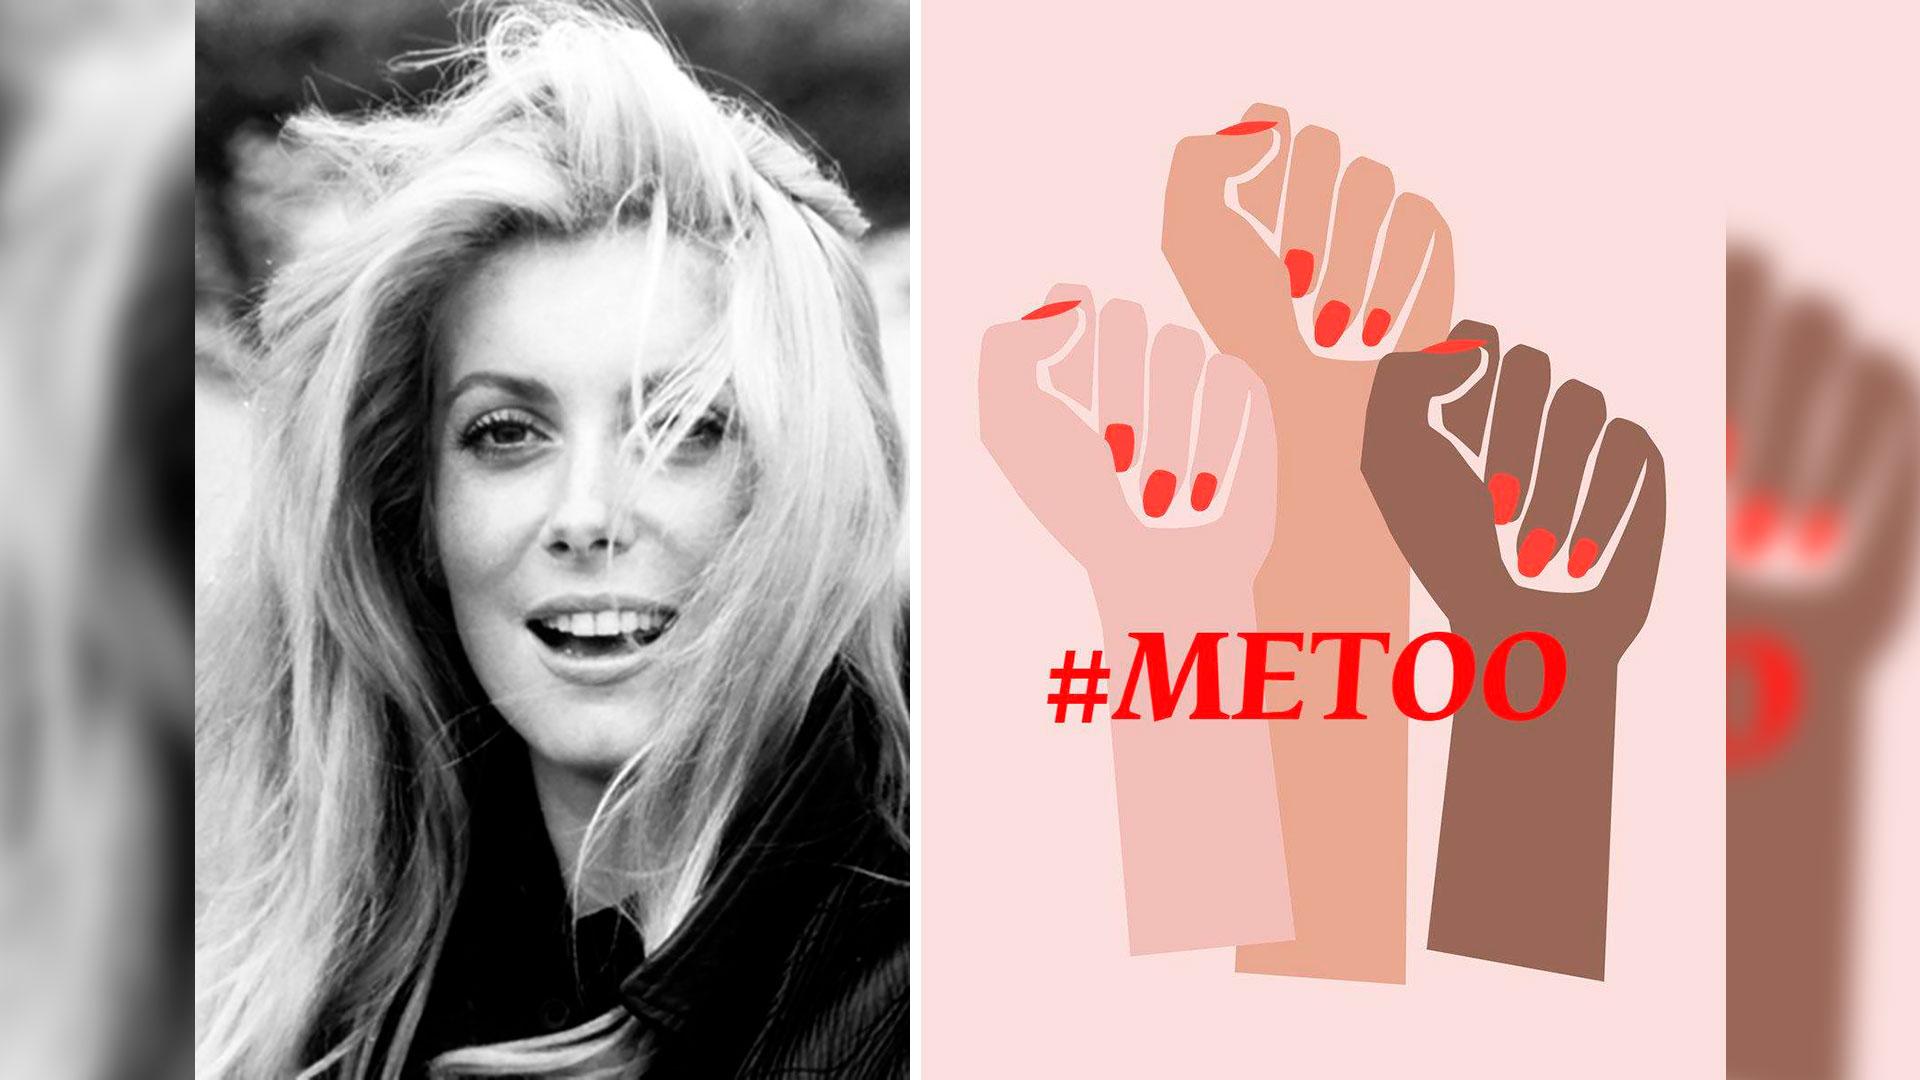 Desde Francia, la actriz Catherine Deneuve encabezó una reacción contra la campaña de delación y juicio público contra los varones